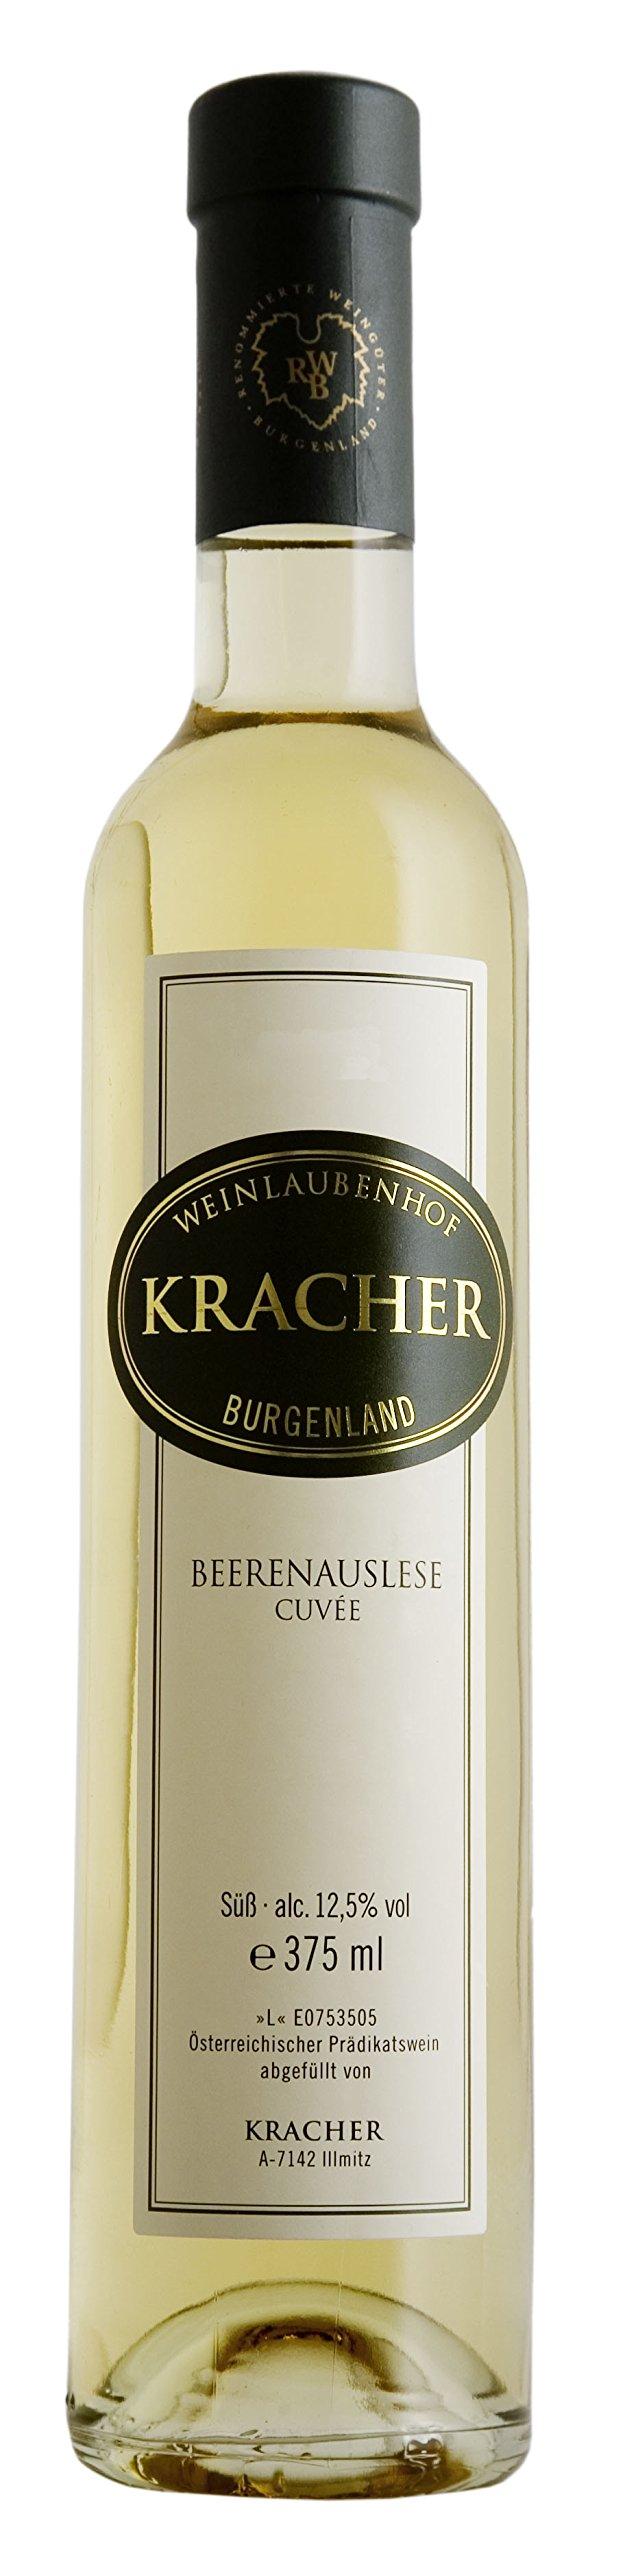 Kracher-Cuve-Beerenauslese-2017-Kracher-edelser-Wein-aus-dem-Burgenland